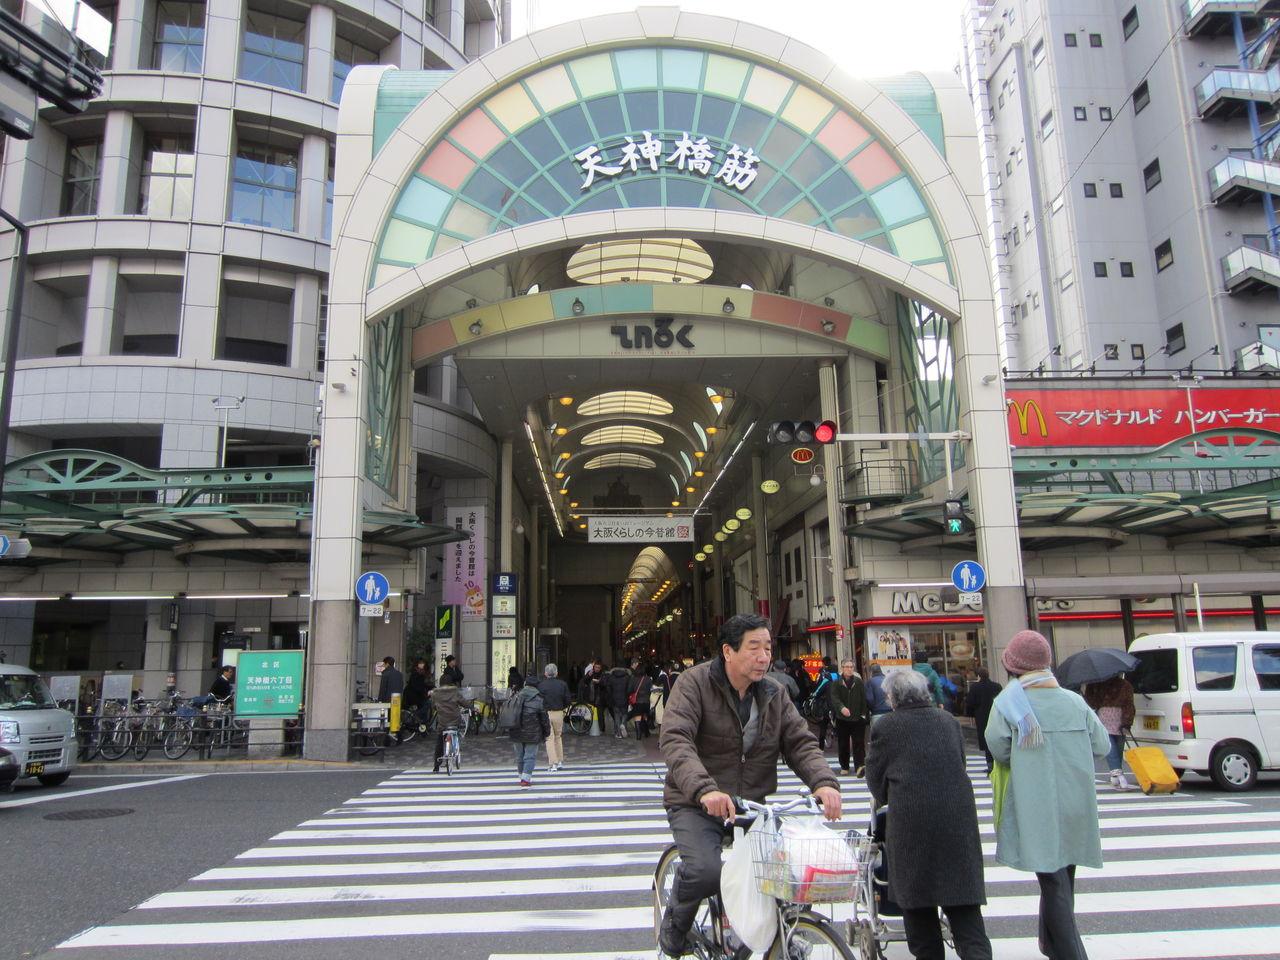 天神橋筋商店街で戀人と立ち寄りたいお店を紹介 | 美侍